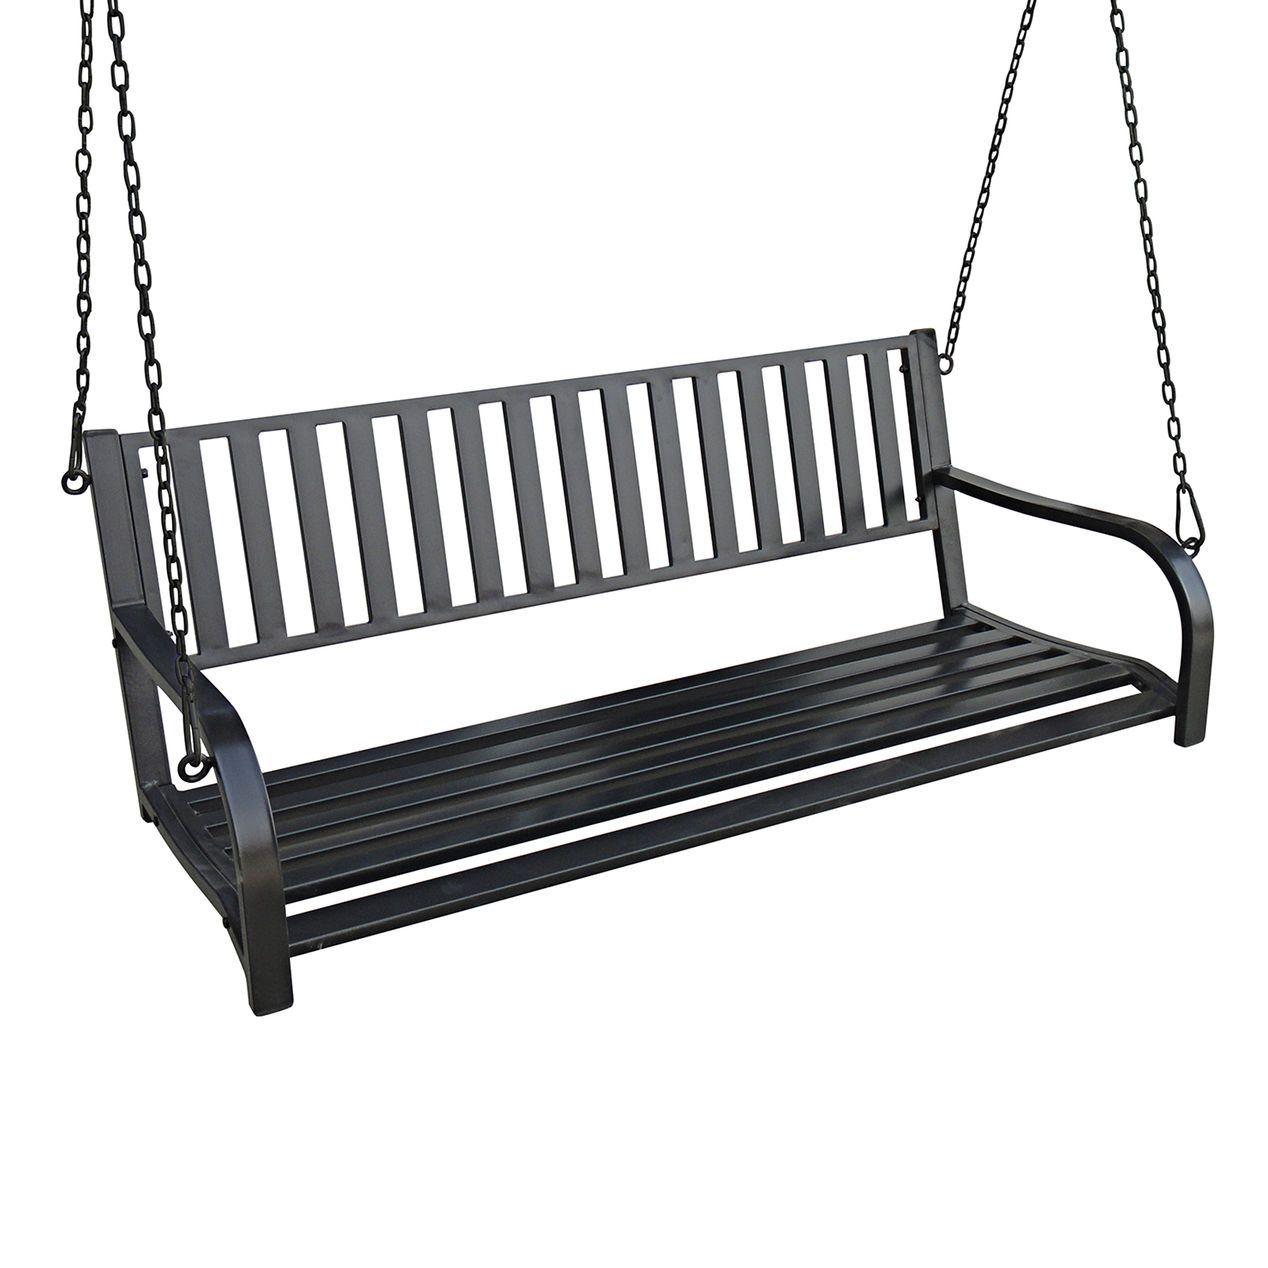 Pin by Allison Currie on New House Stuff | Pinterest | Swings, Steel ...